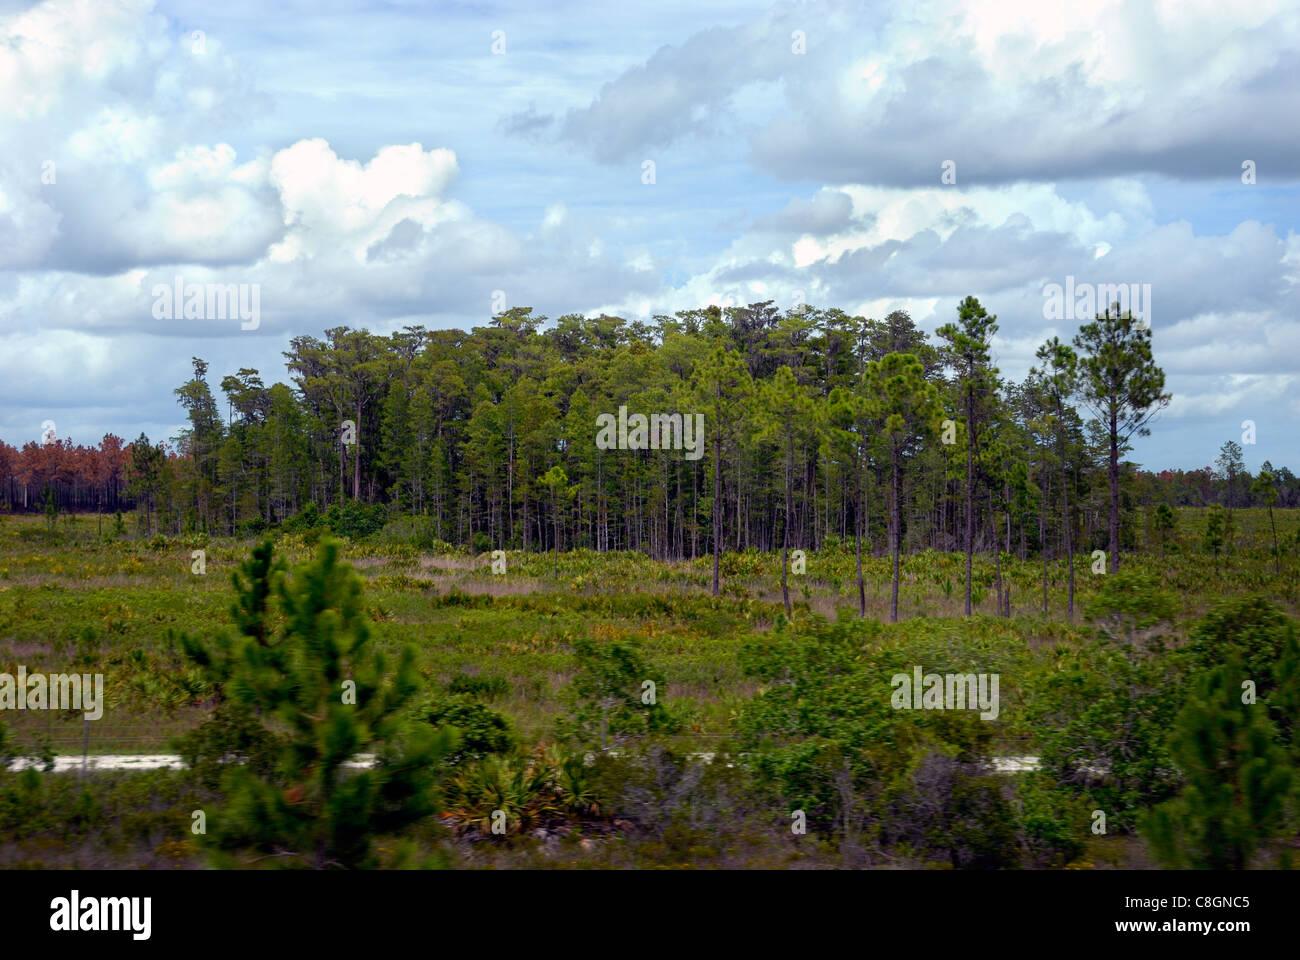 Stand of Pine trees, Florida, USA - Stock Image